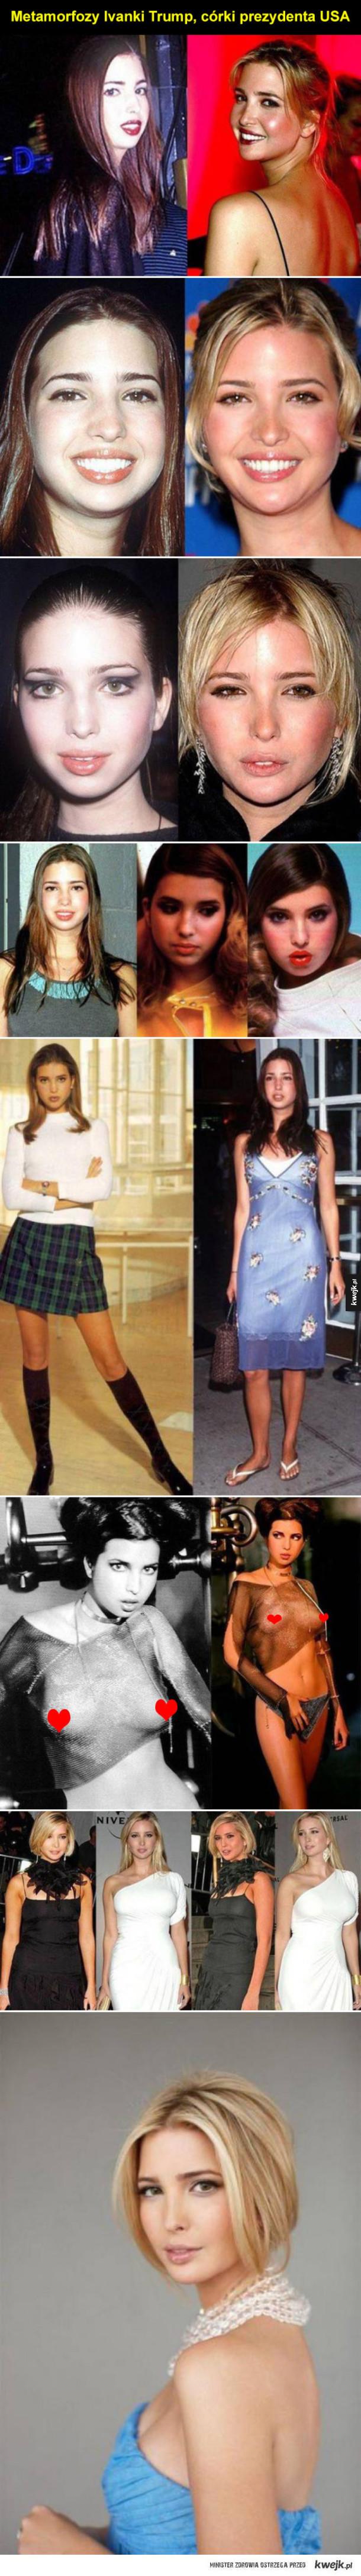 Ivanka Trump przed i po operacjach plastycznych